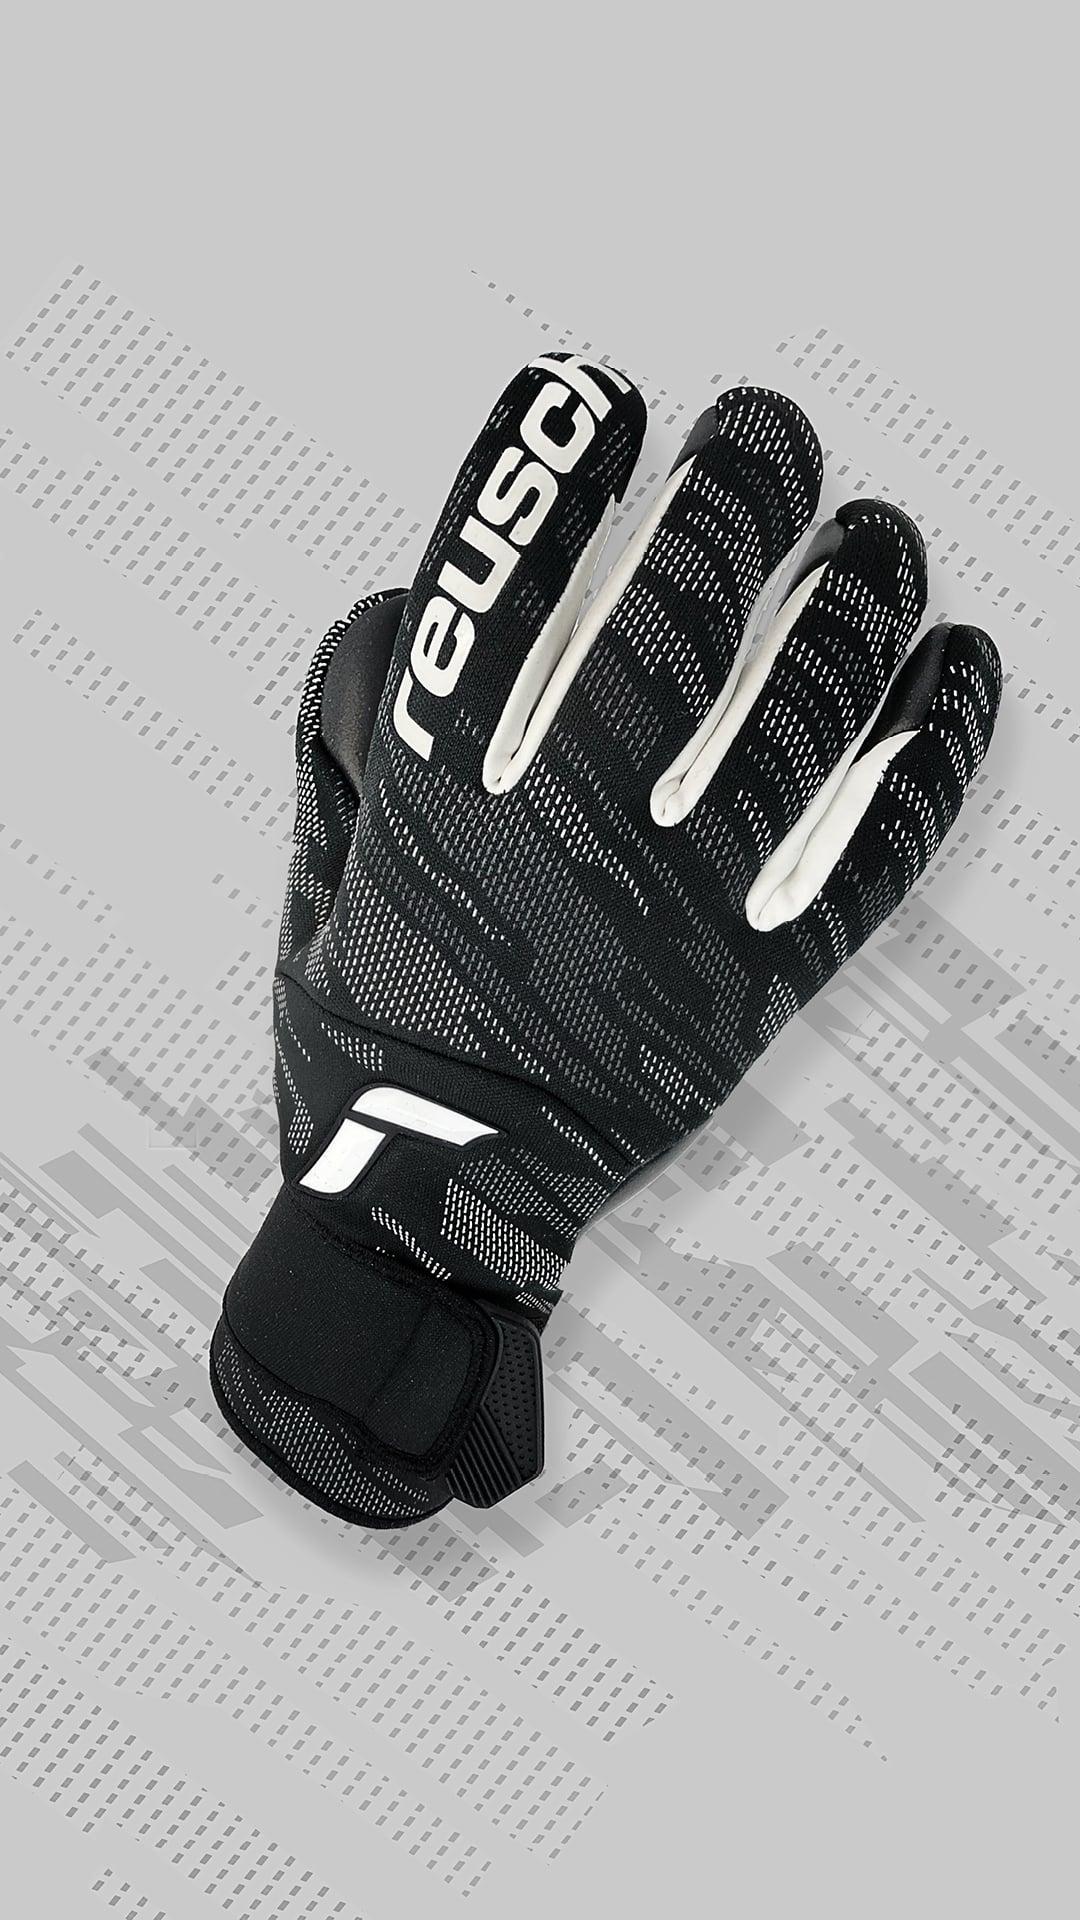 gants-reusch-purecontact-5